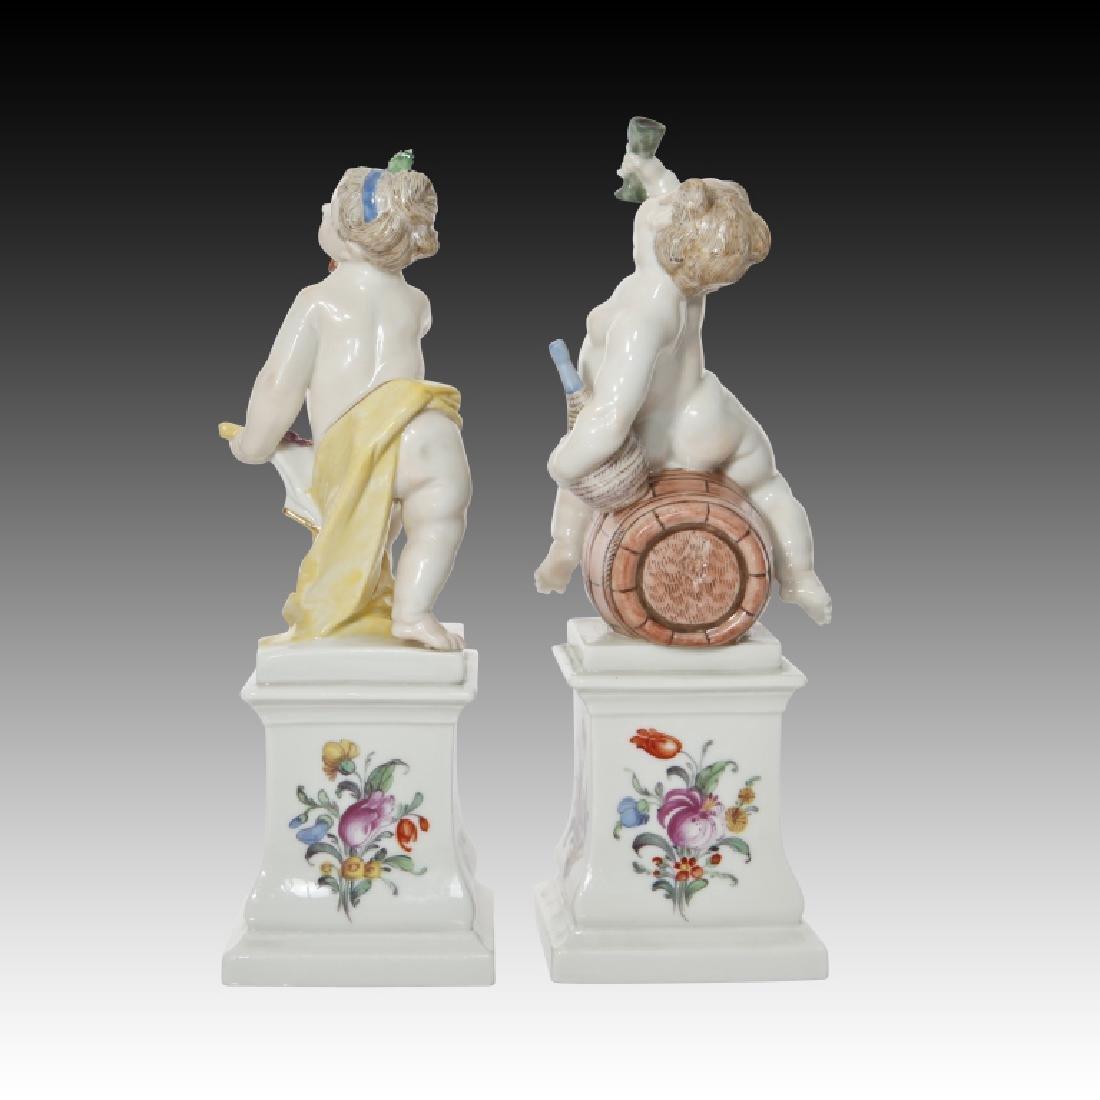 Pair of Nymphenburg Cherub Figurine